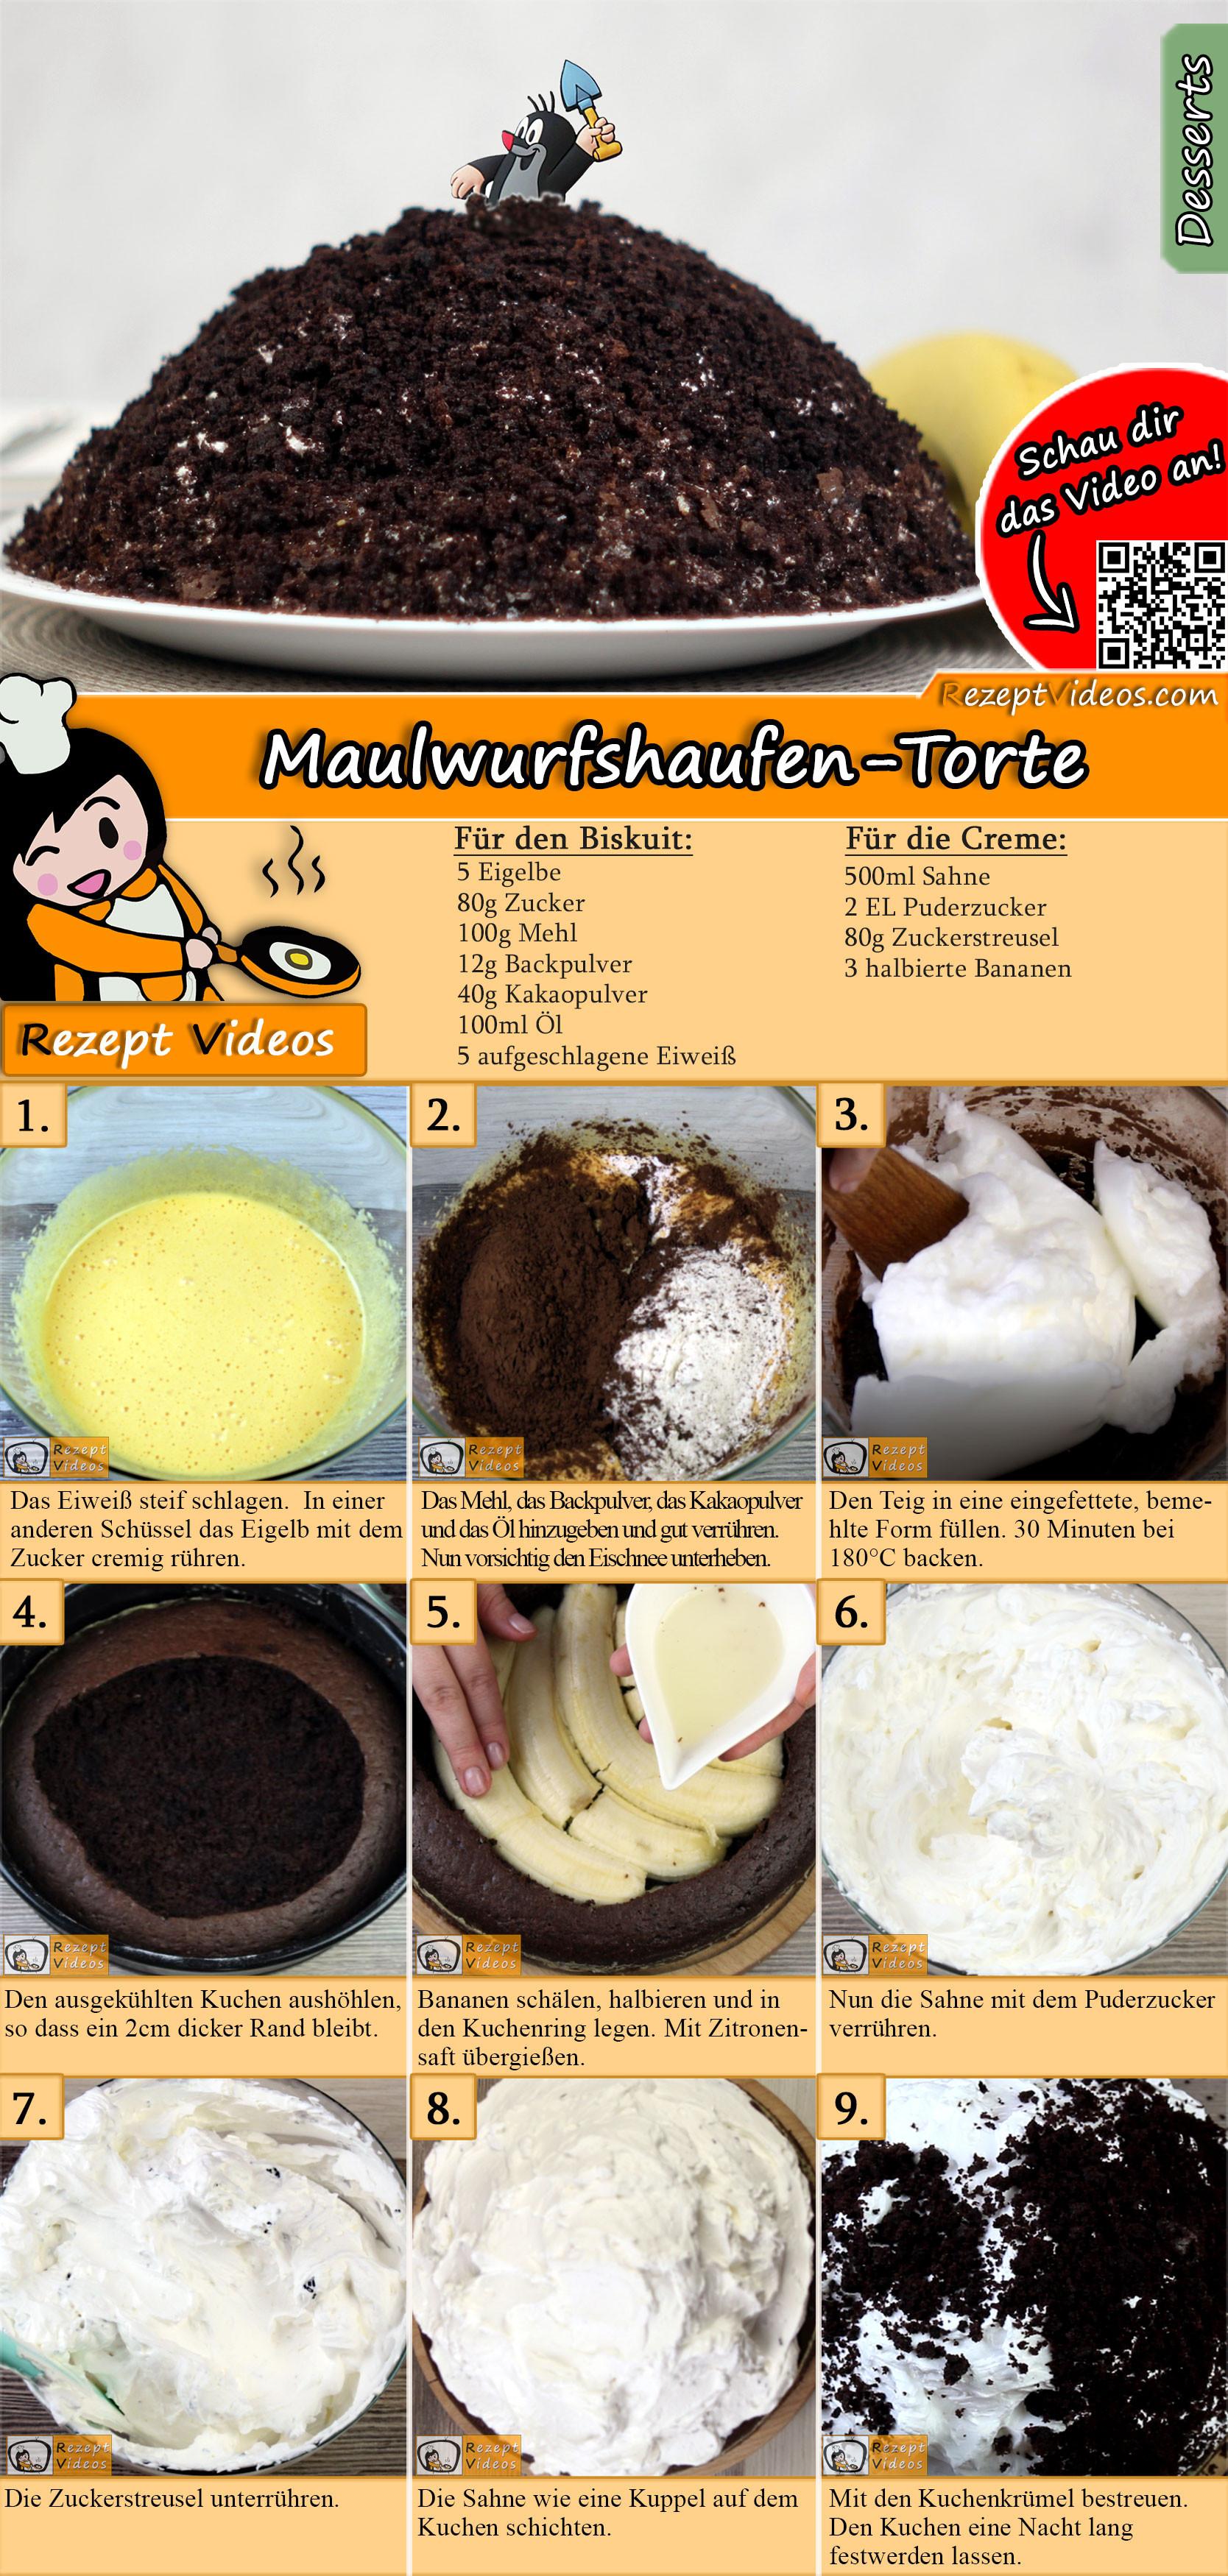 Maulwurfshaufen-Torte Rezept mit Video